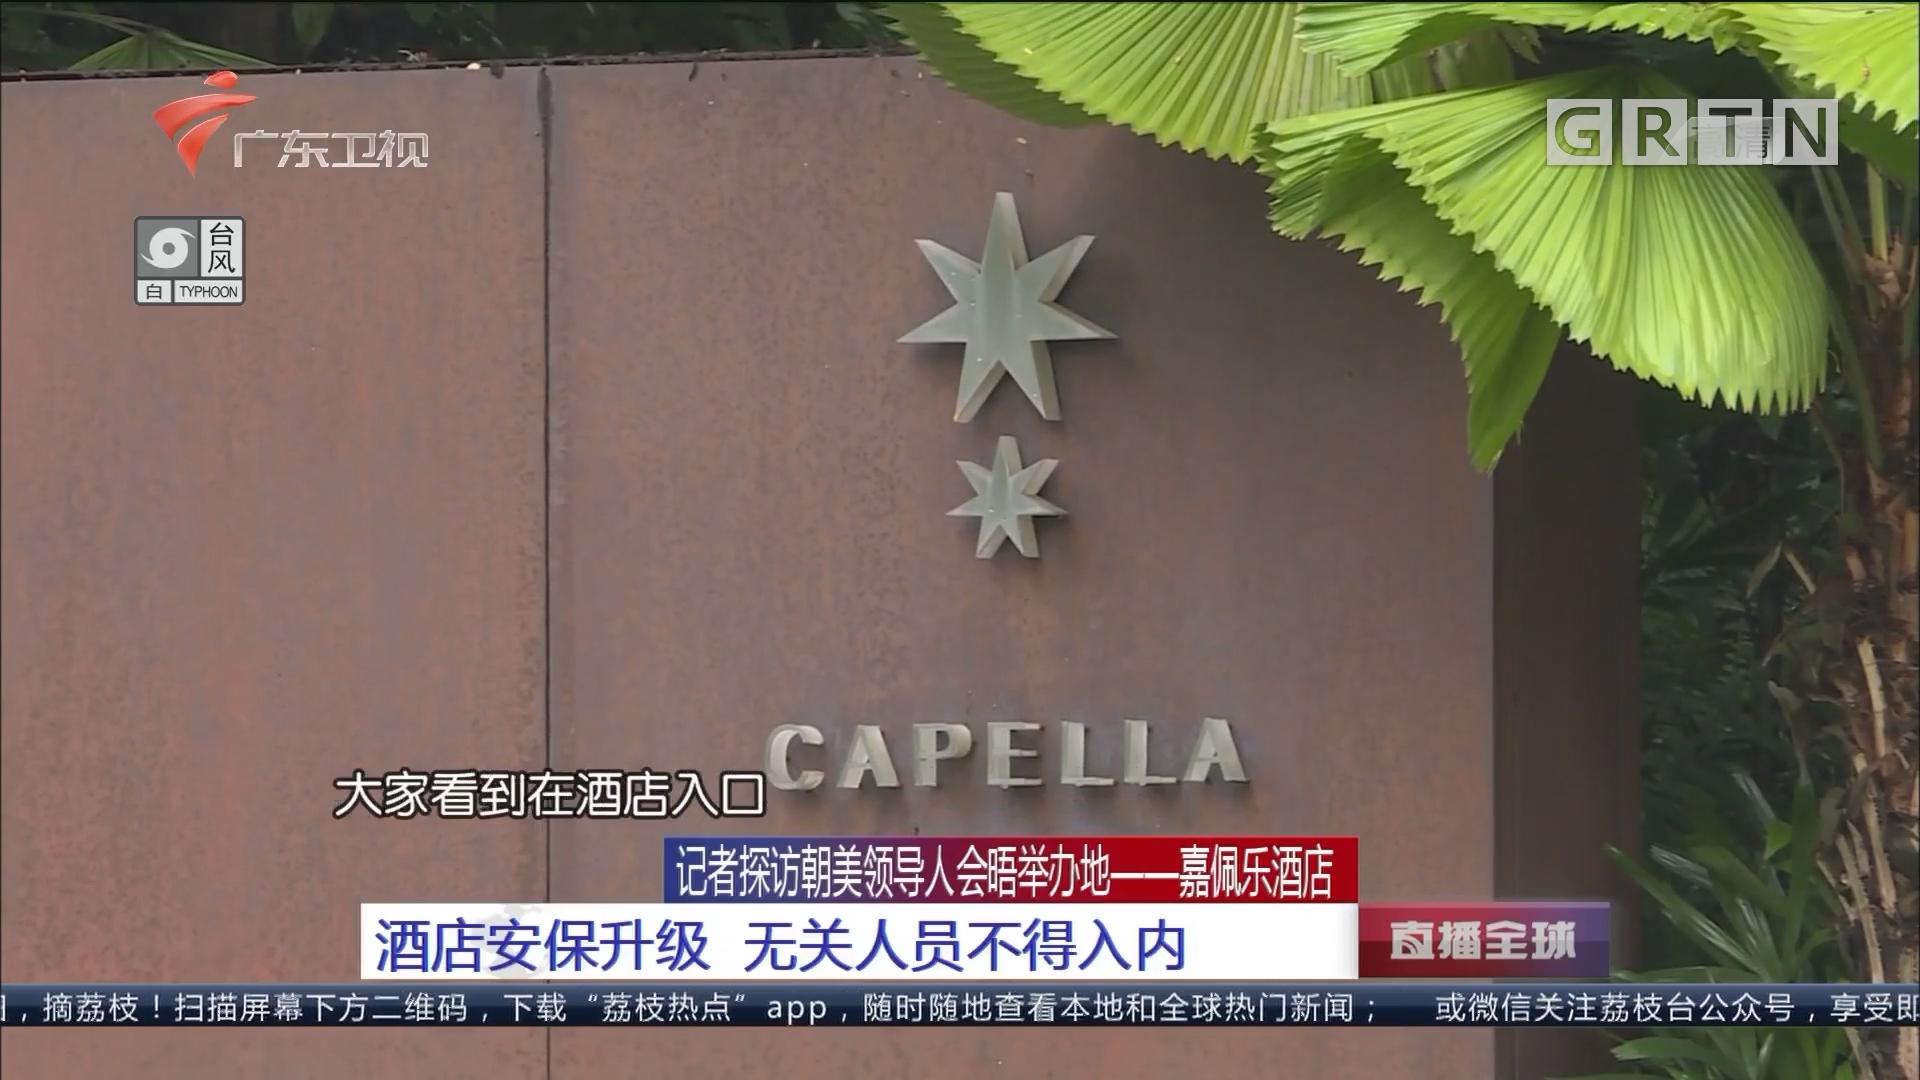 记者探访朝美领导人会晤举办地——嘉佩乐酒店:酒店安保升级 无关人员不得入内